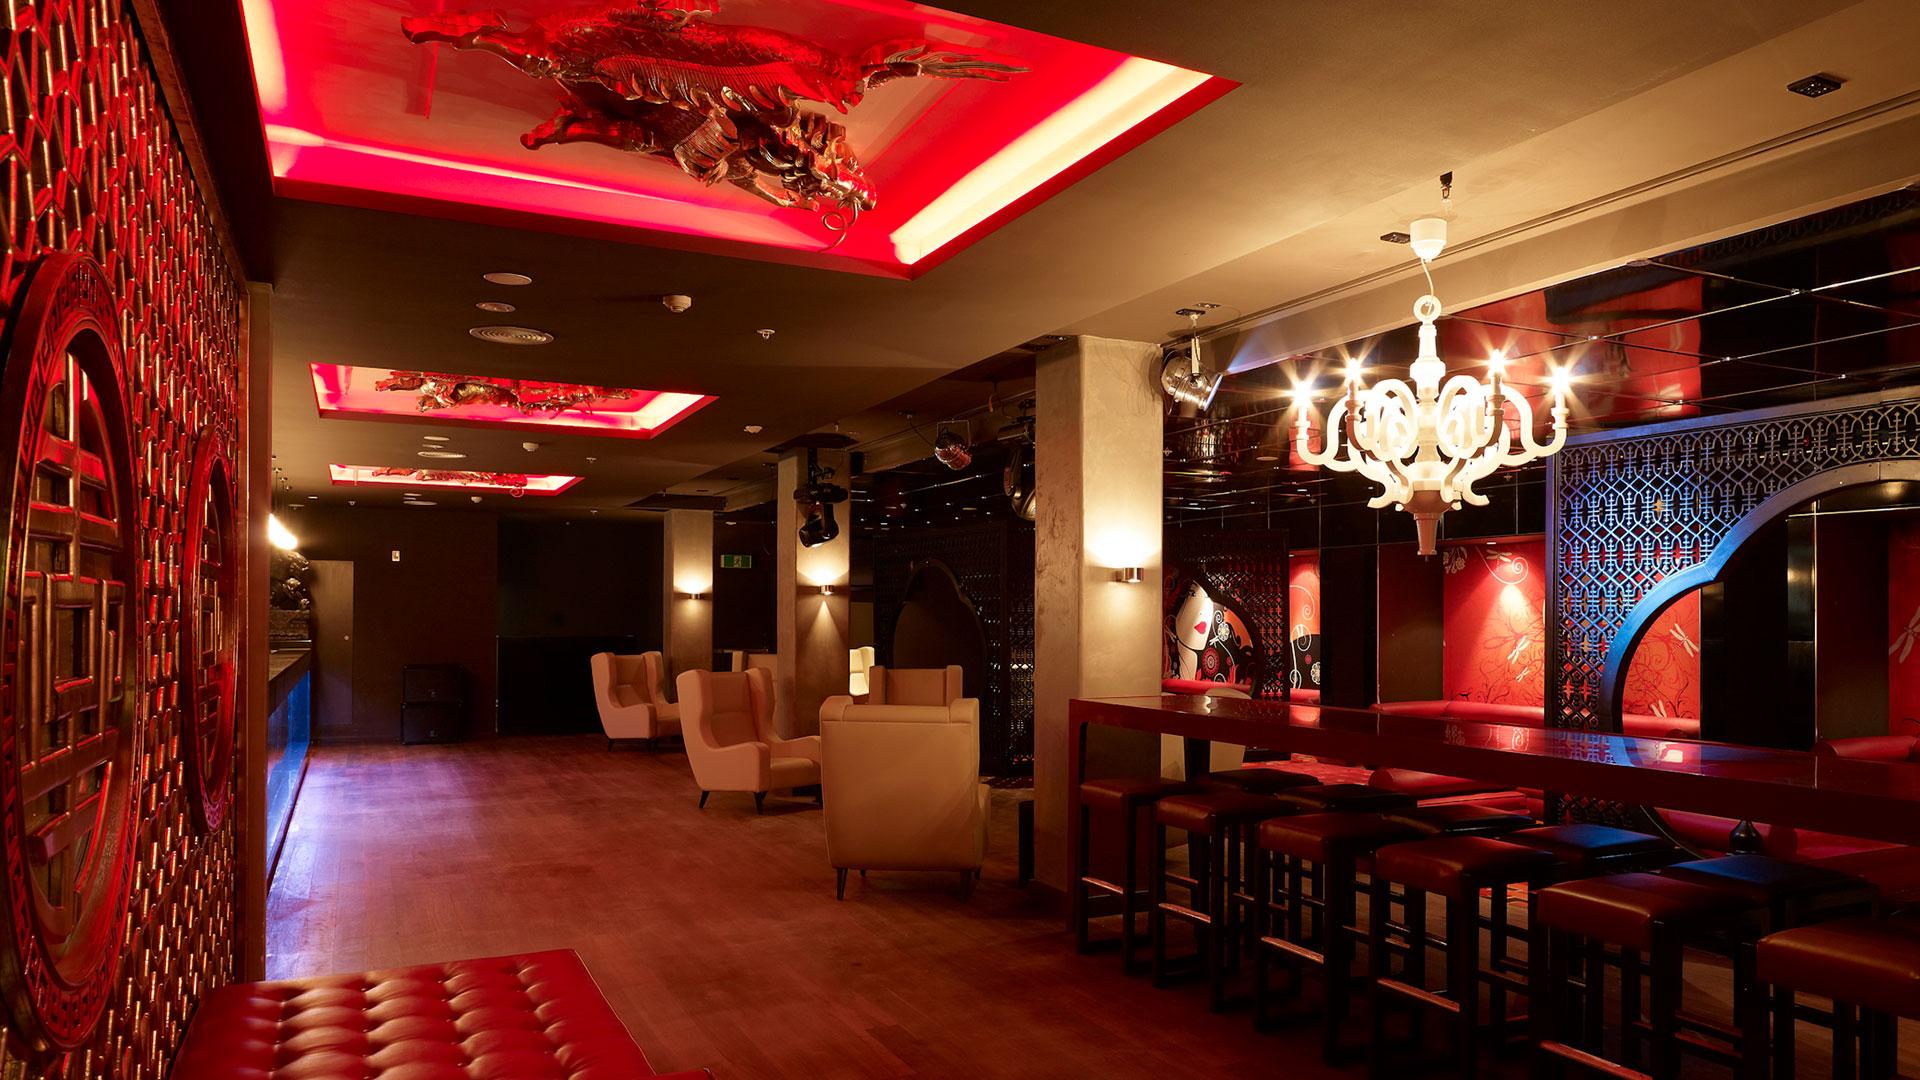 Mr B's Tao Lounge